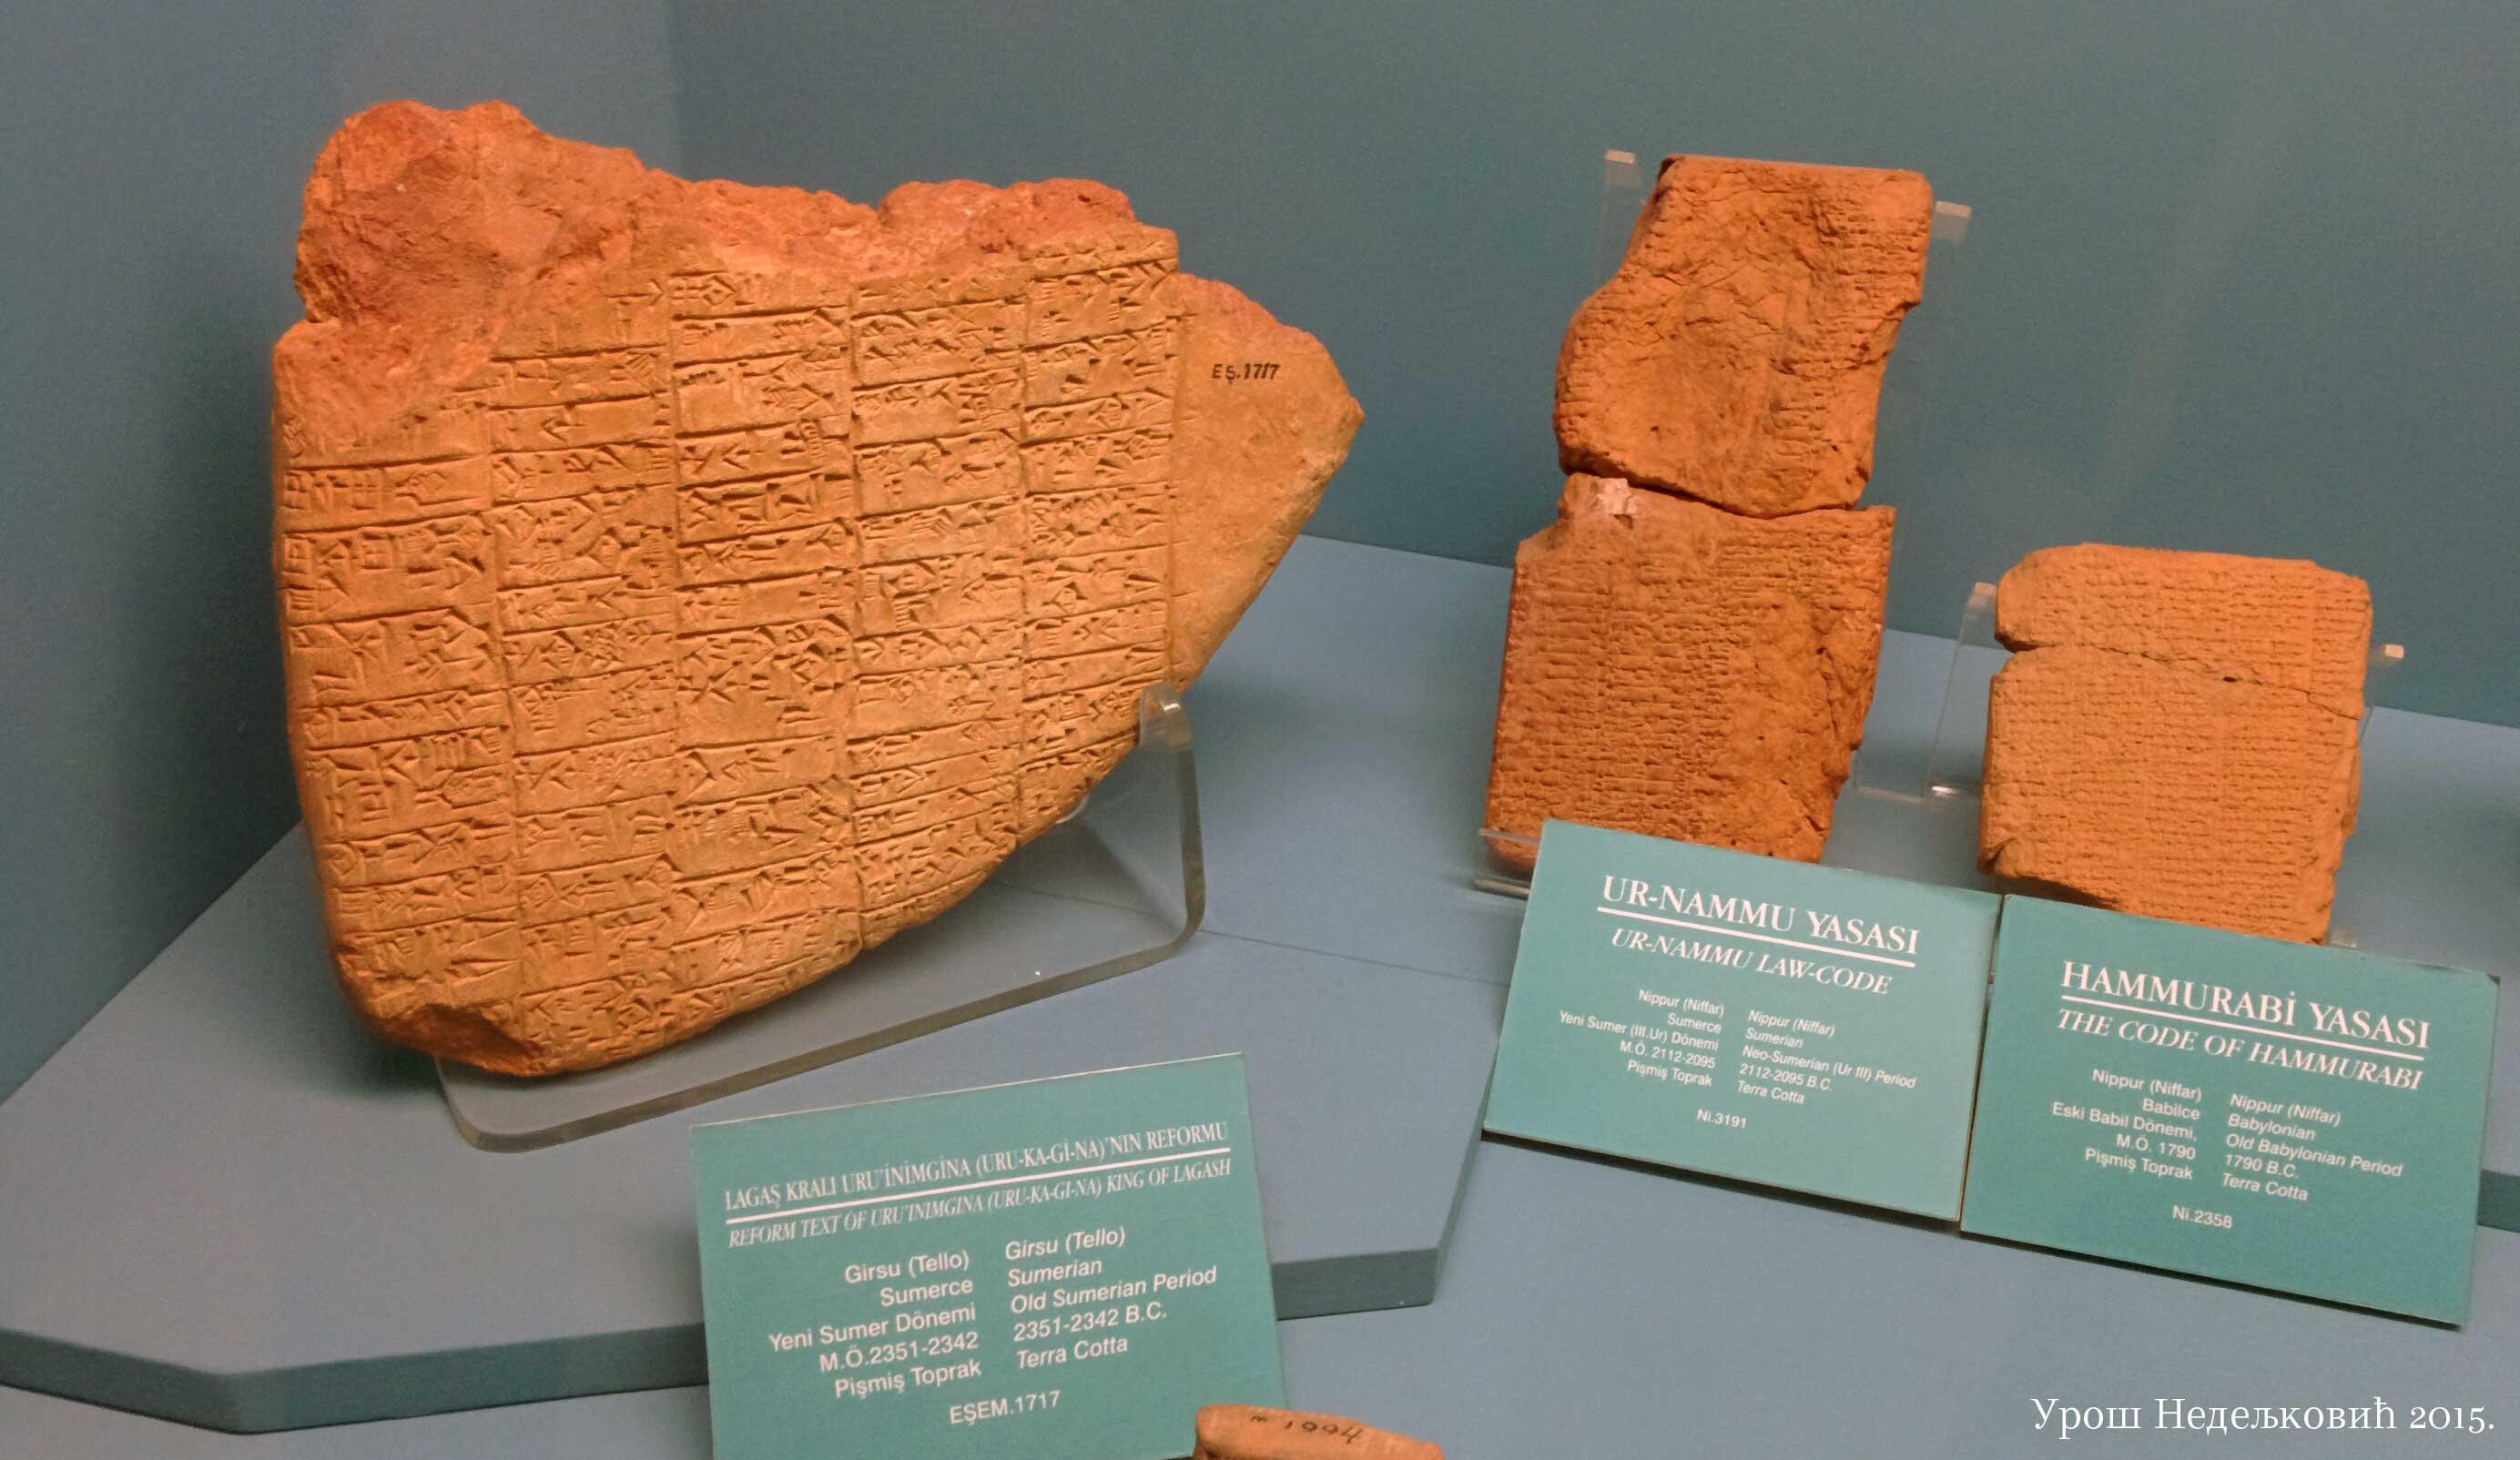 Ur-Namu i Hamurabijev zakonik